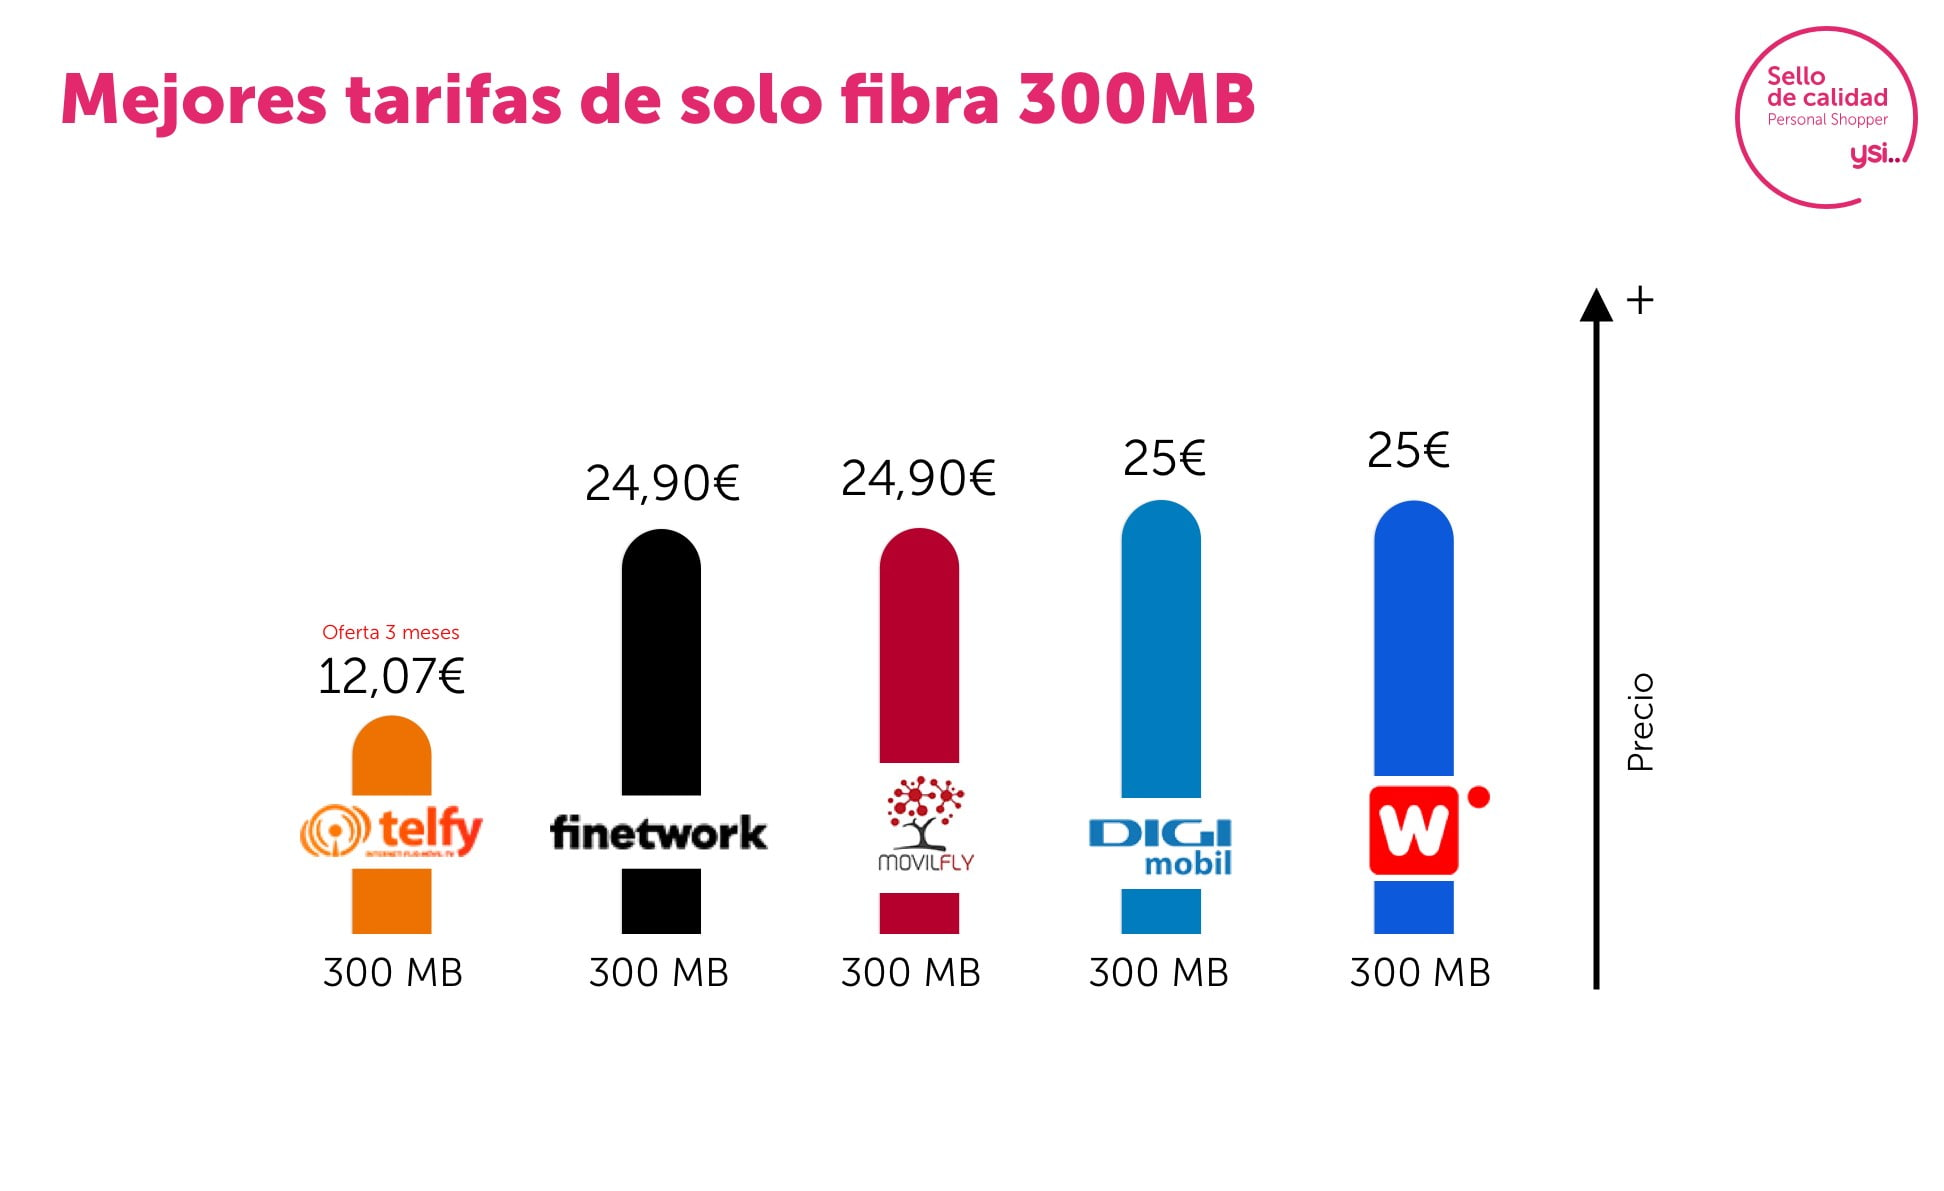 Las mejores ofertas de fibra 300 Mb